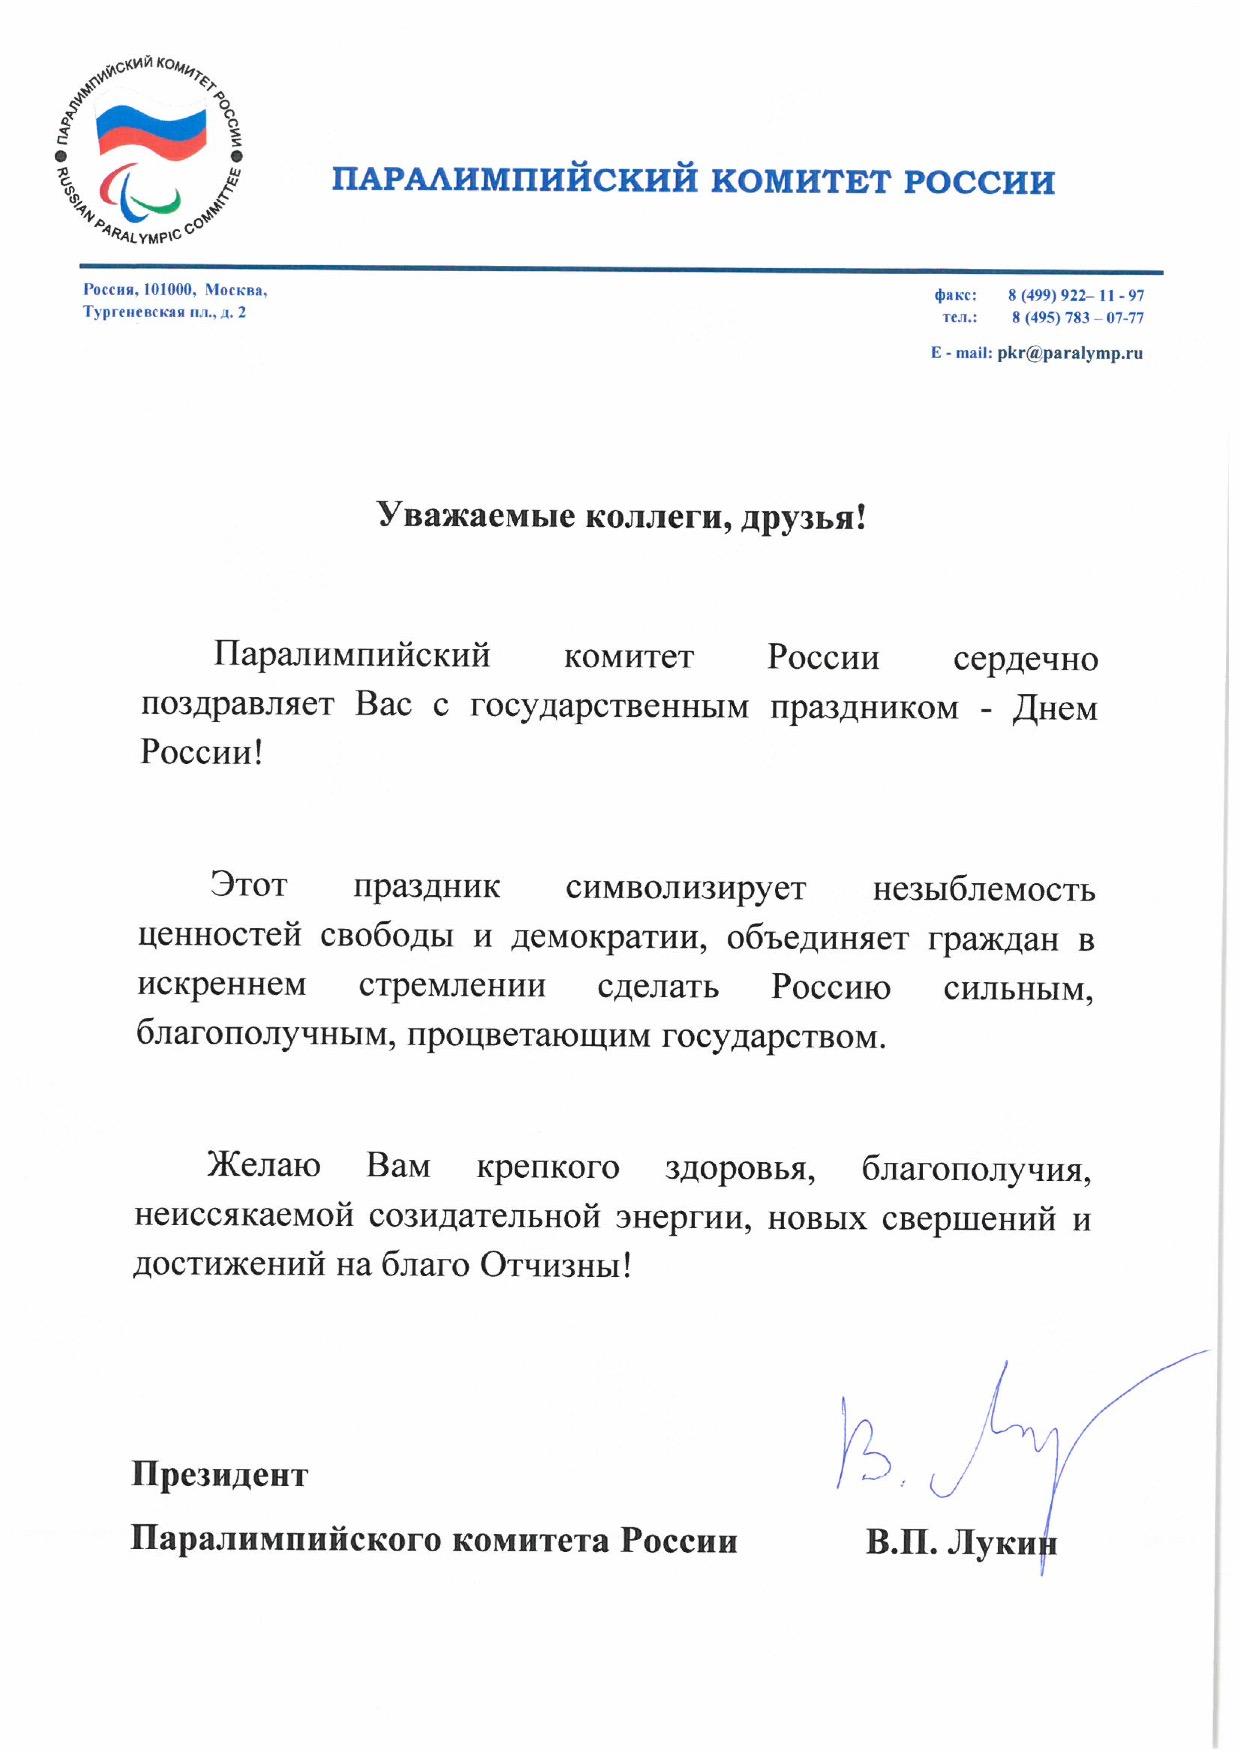 Поздравление президента ПКР В.П. Лукина в связи с Днем России